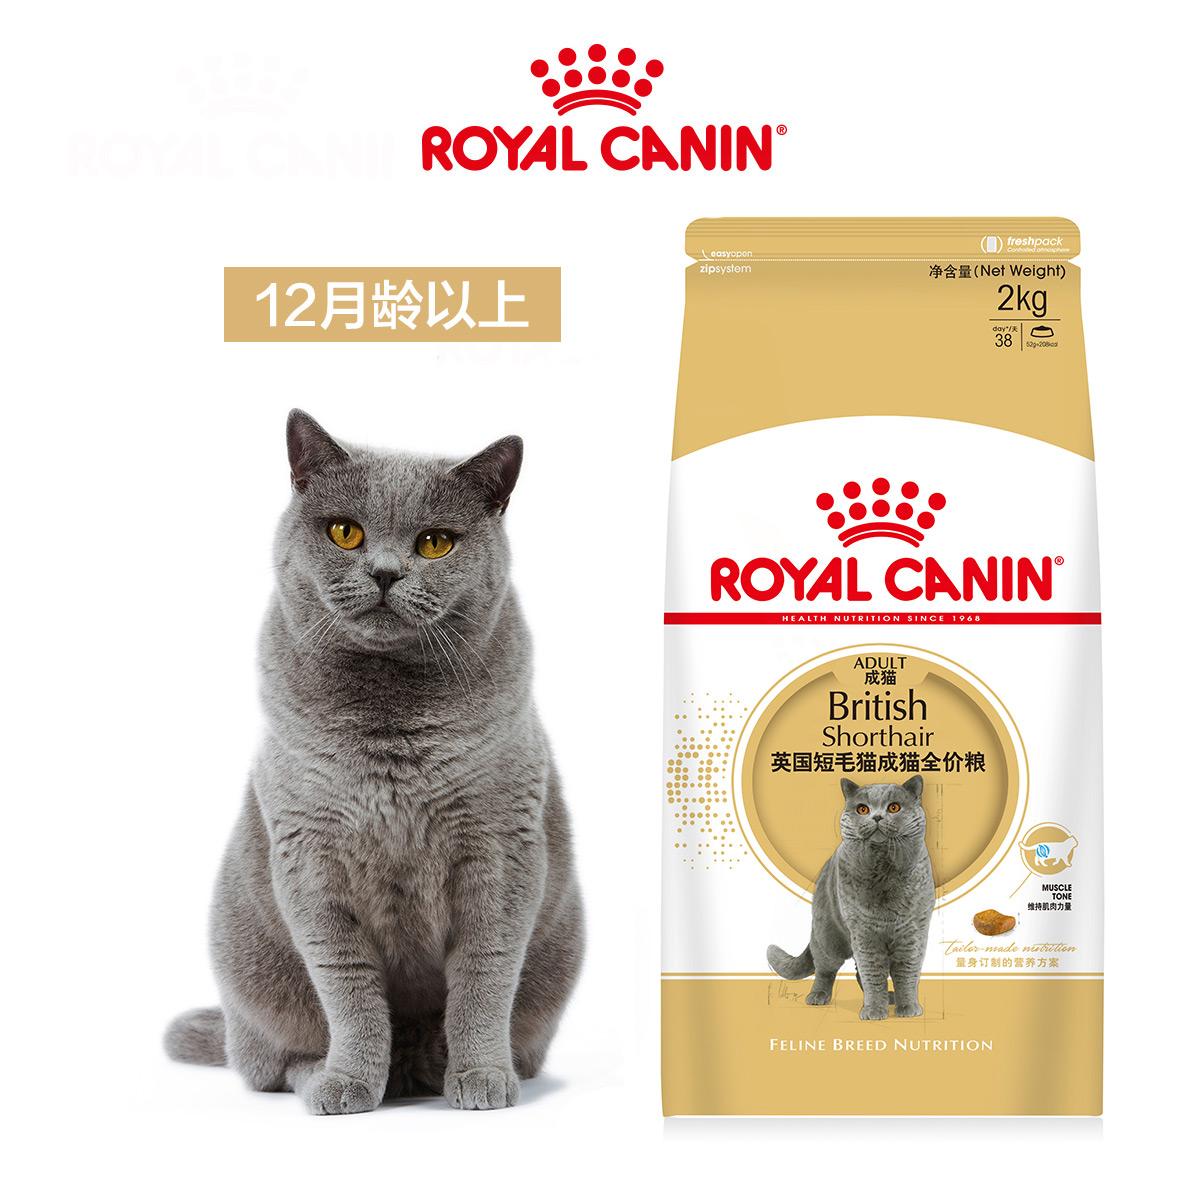 猫粮皇家英国短毛猫成猫粮2kg保护心脏关节英短宠物猫粮食<a href=